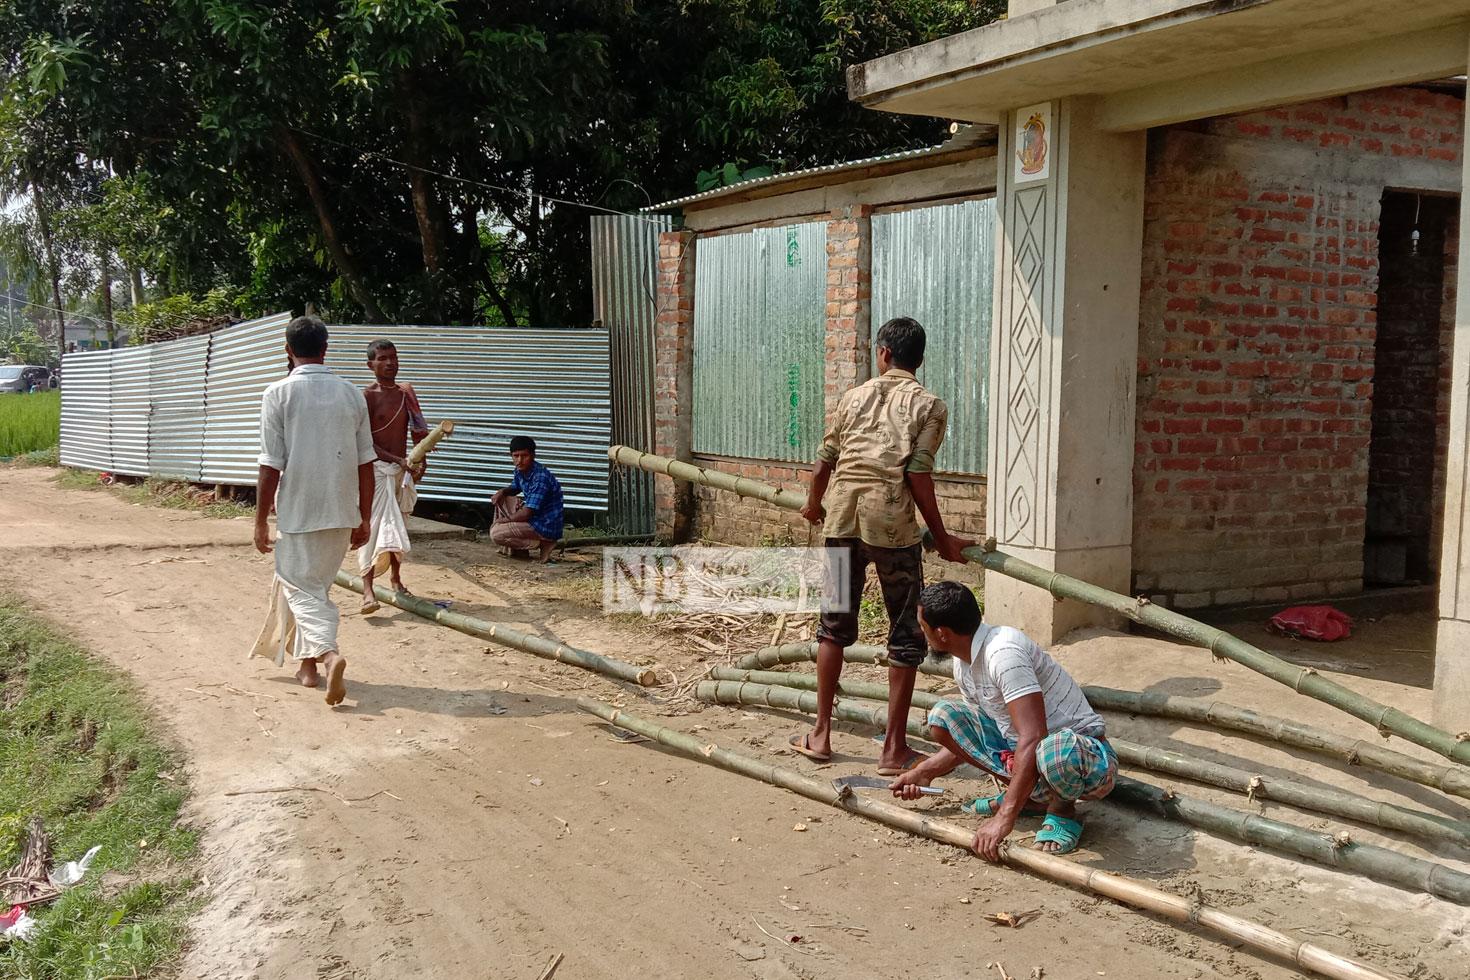 'মনের ক্ষত কি শুকাবে কাকা'